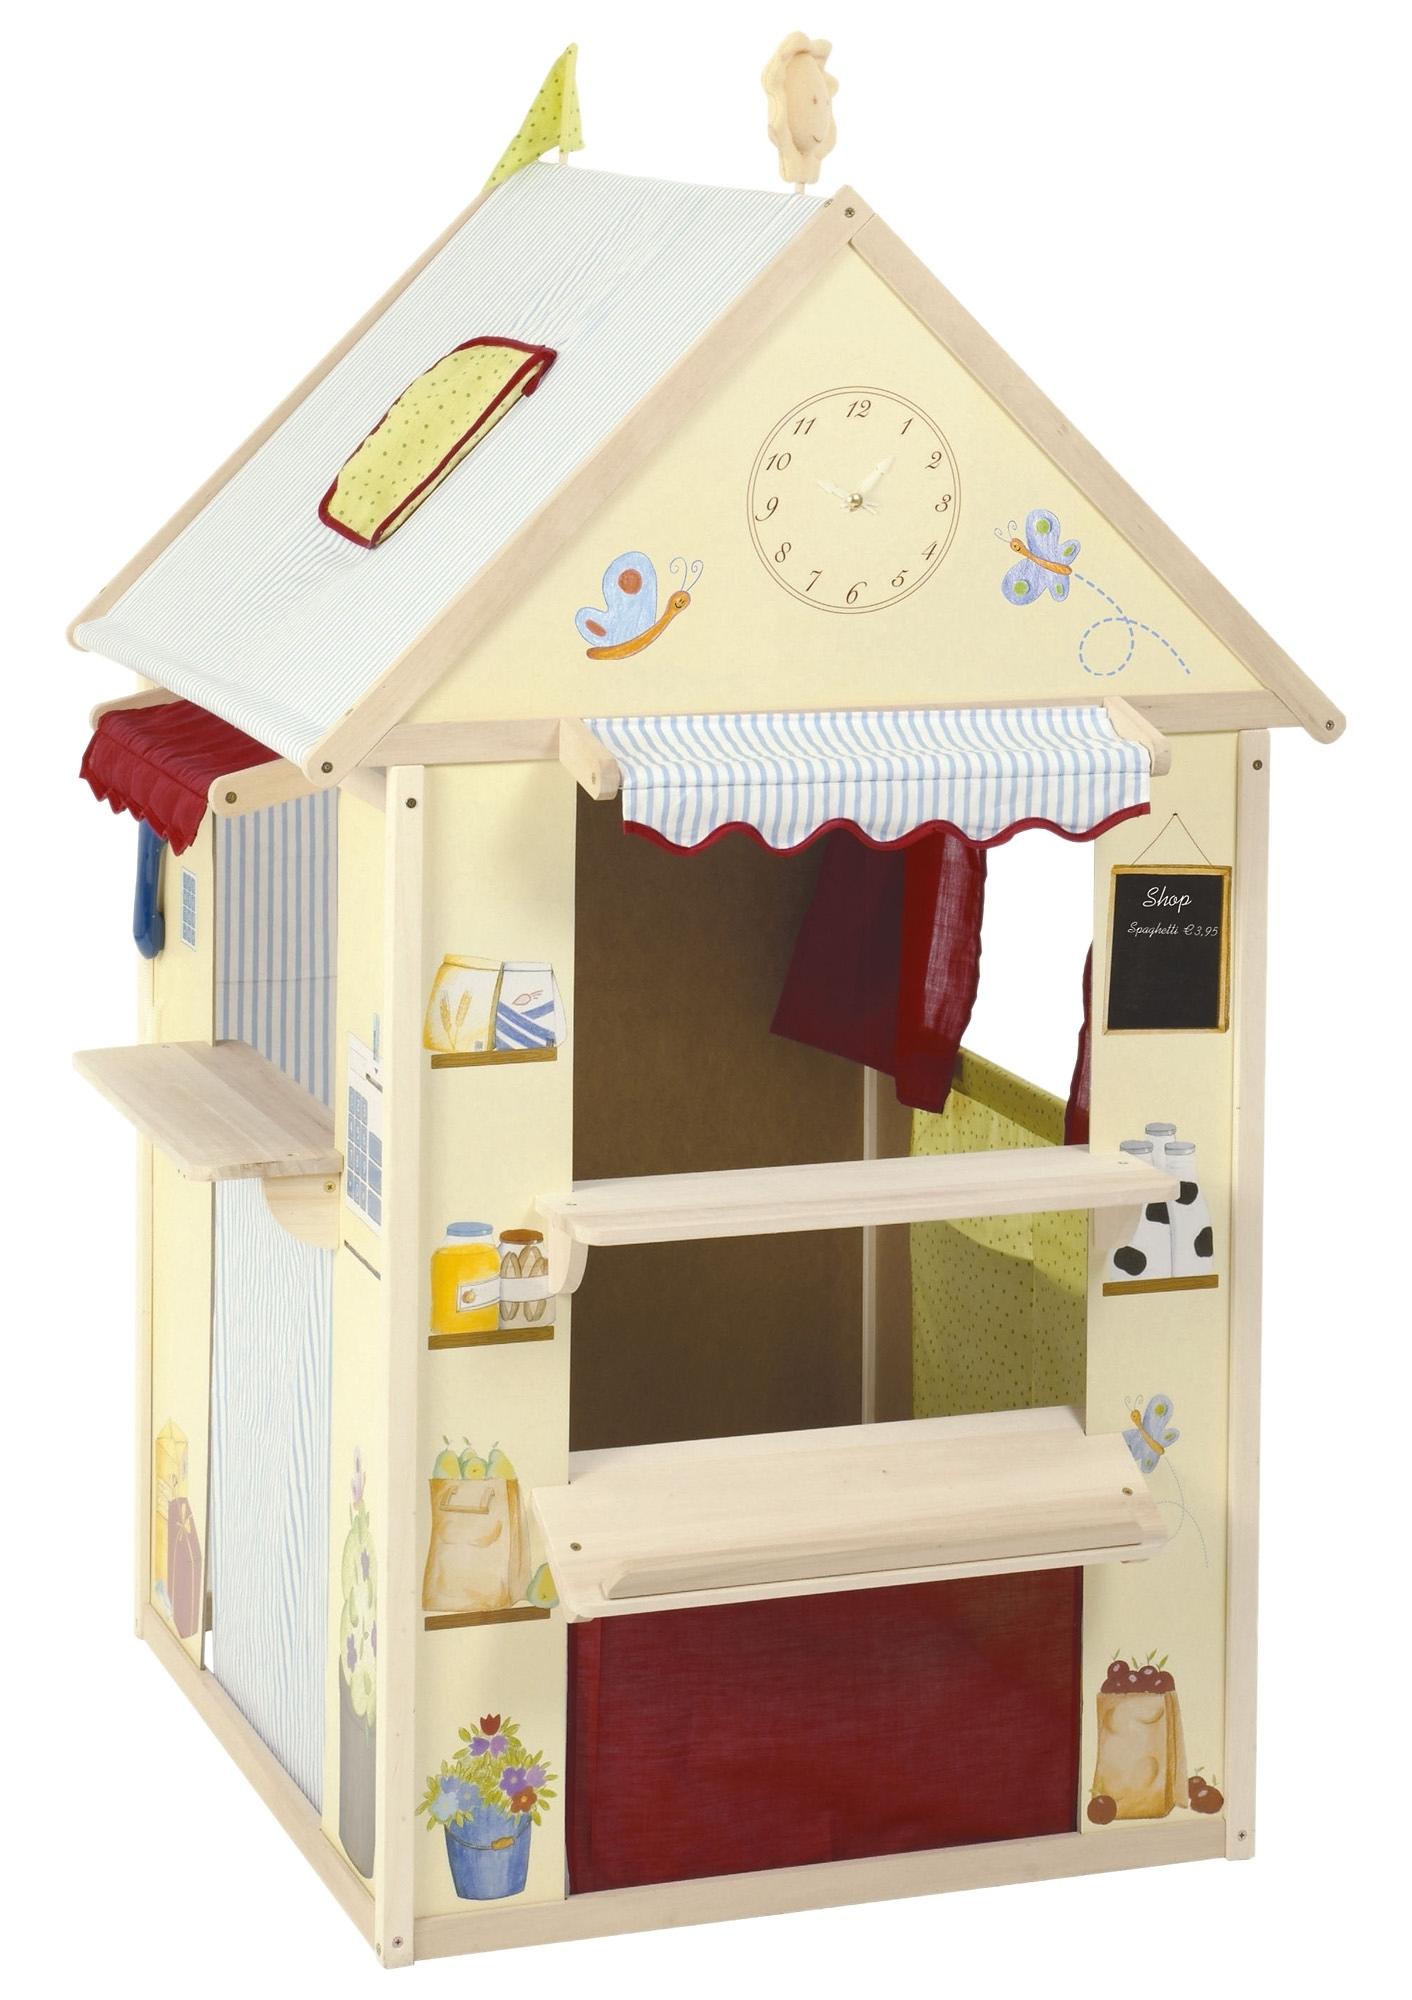 Roba Speelhuis incl. accessoires in de webshop van OTTO kopen